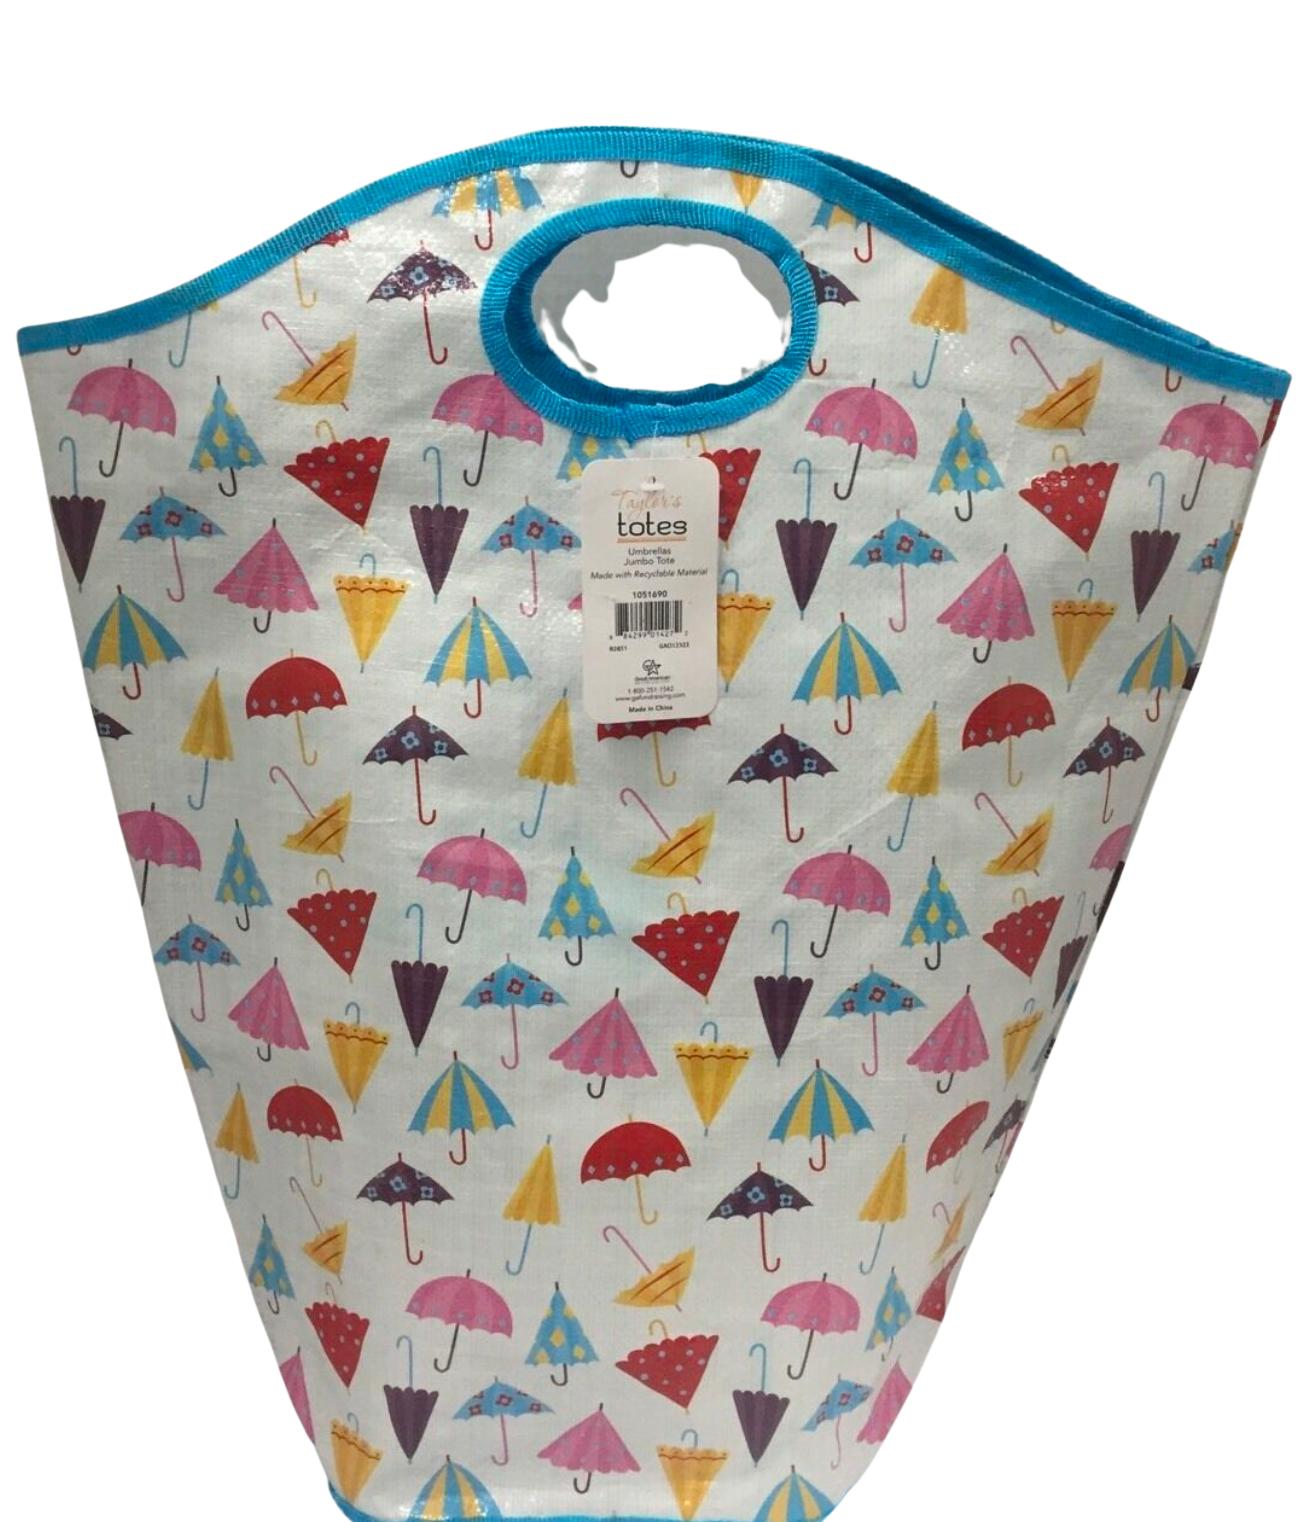 Taylor's totes - Umbrella